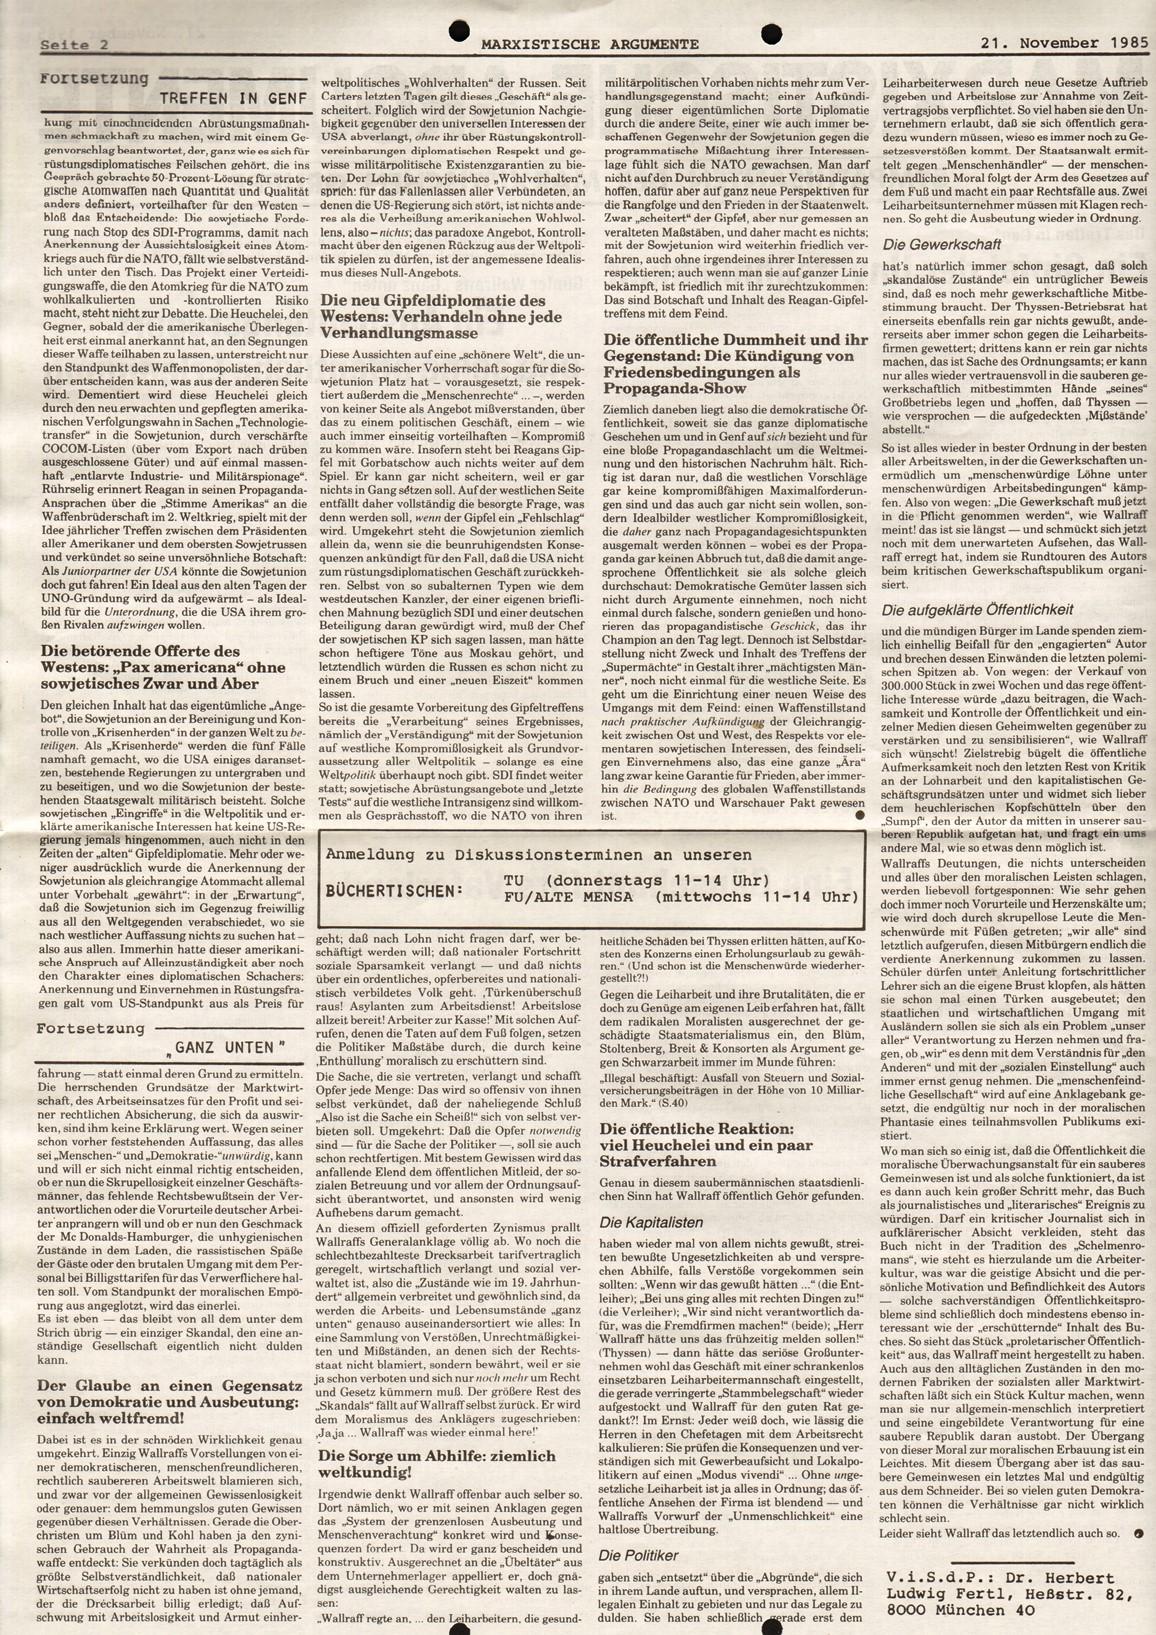 Berlin_MG_Symp_Argumente_19851121_02